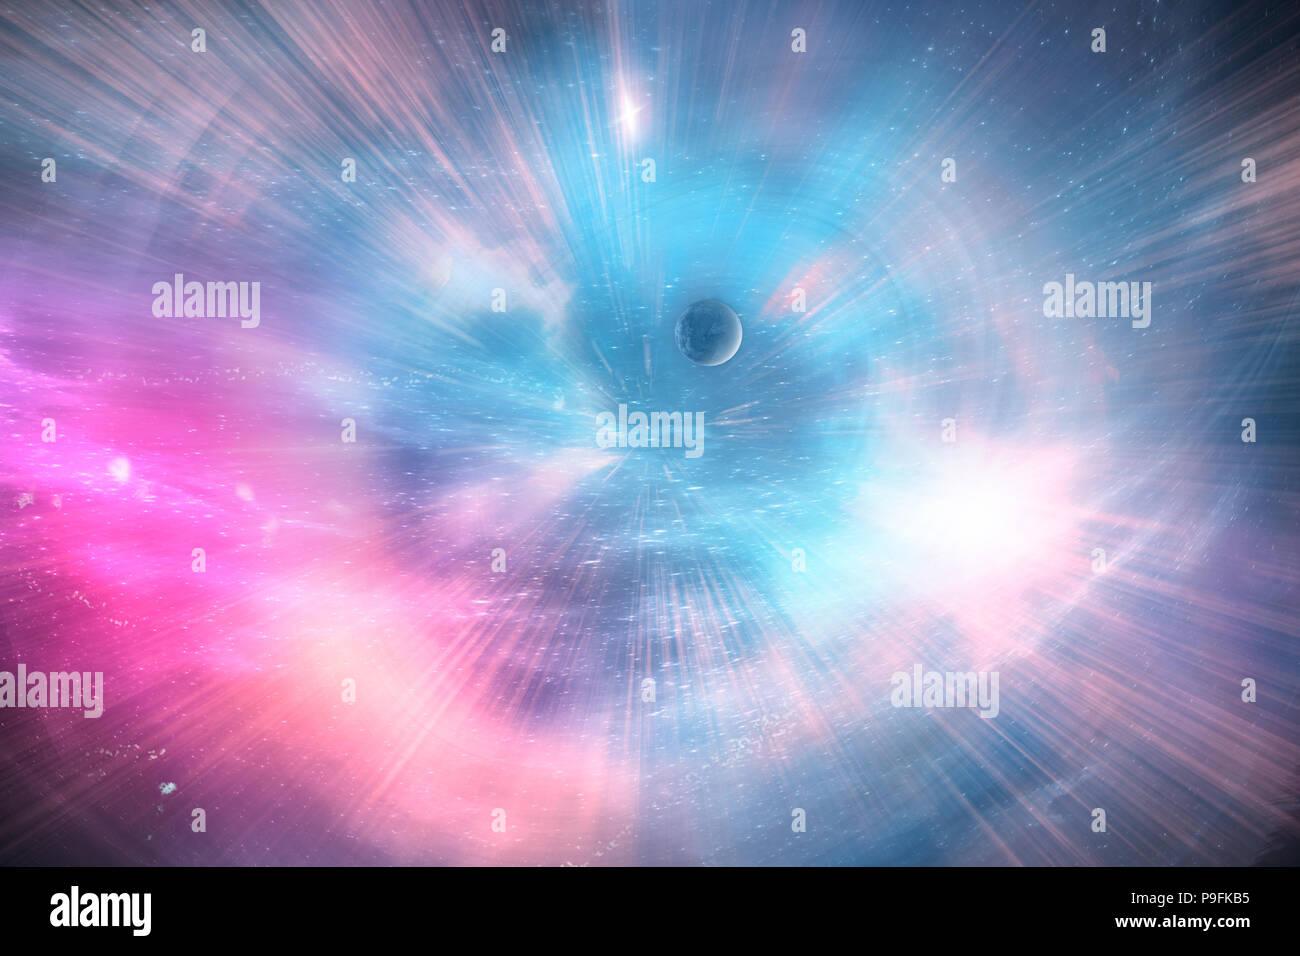 Arte celeste, las estrellas y las galaxias en el espacio ultraterrestre, mostrando la belleza de la exploración espacial. 3D Render, Ilustración 3d Imagen De Stock